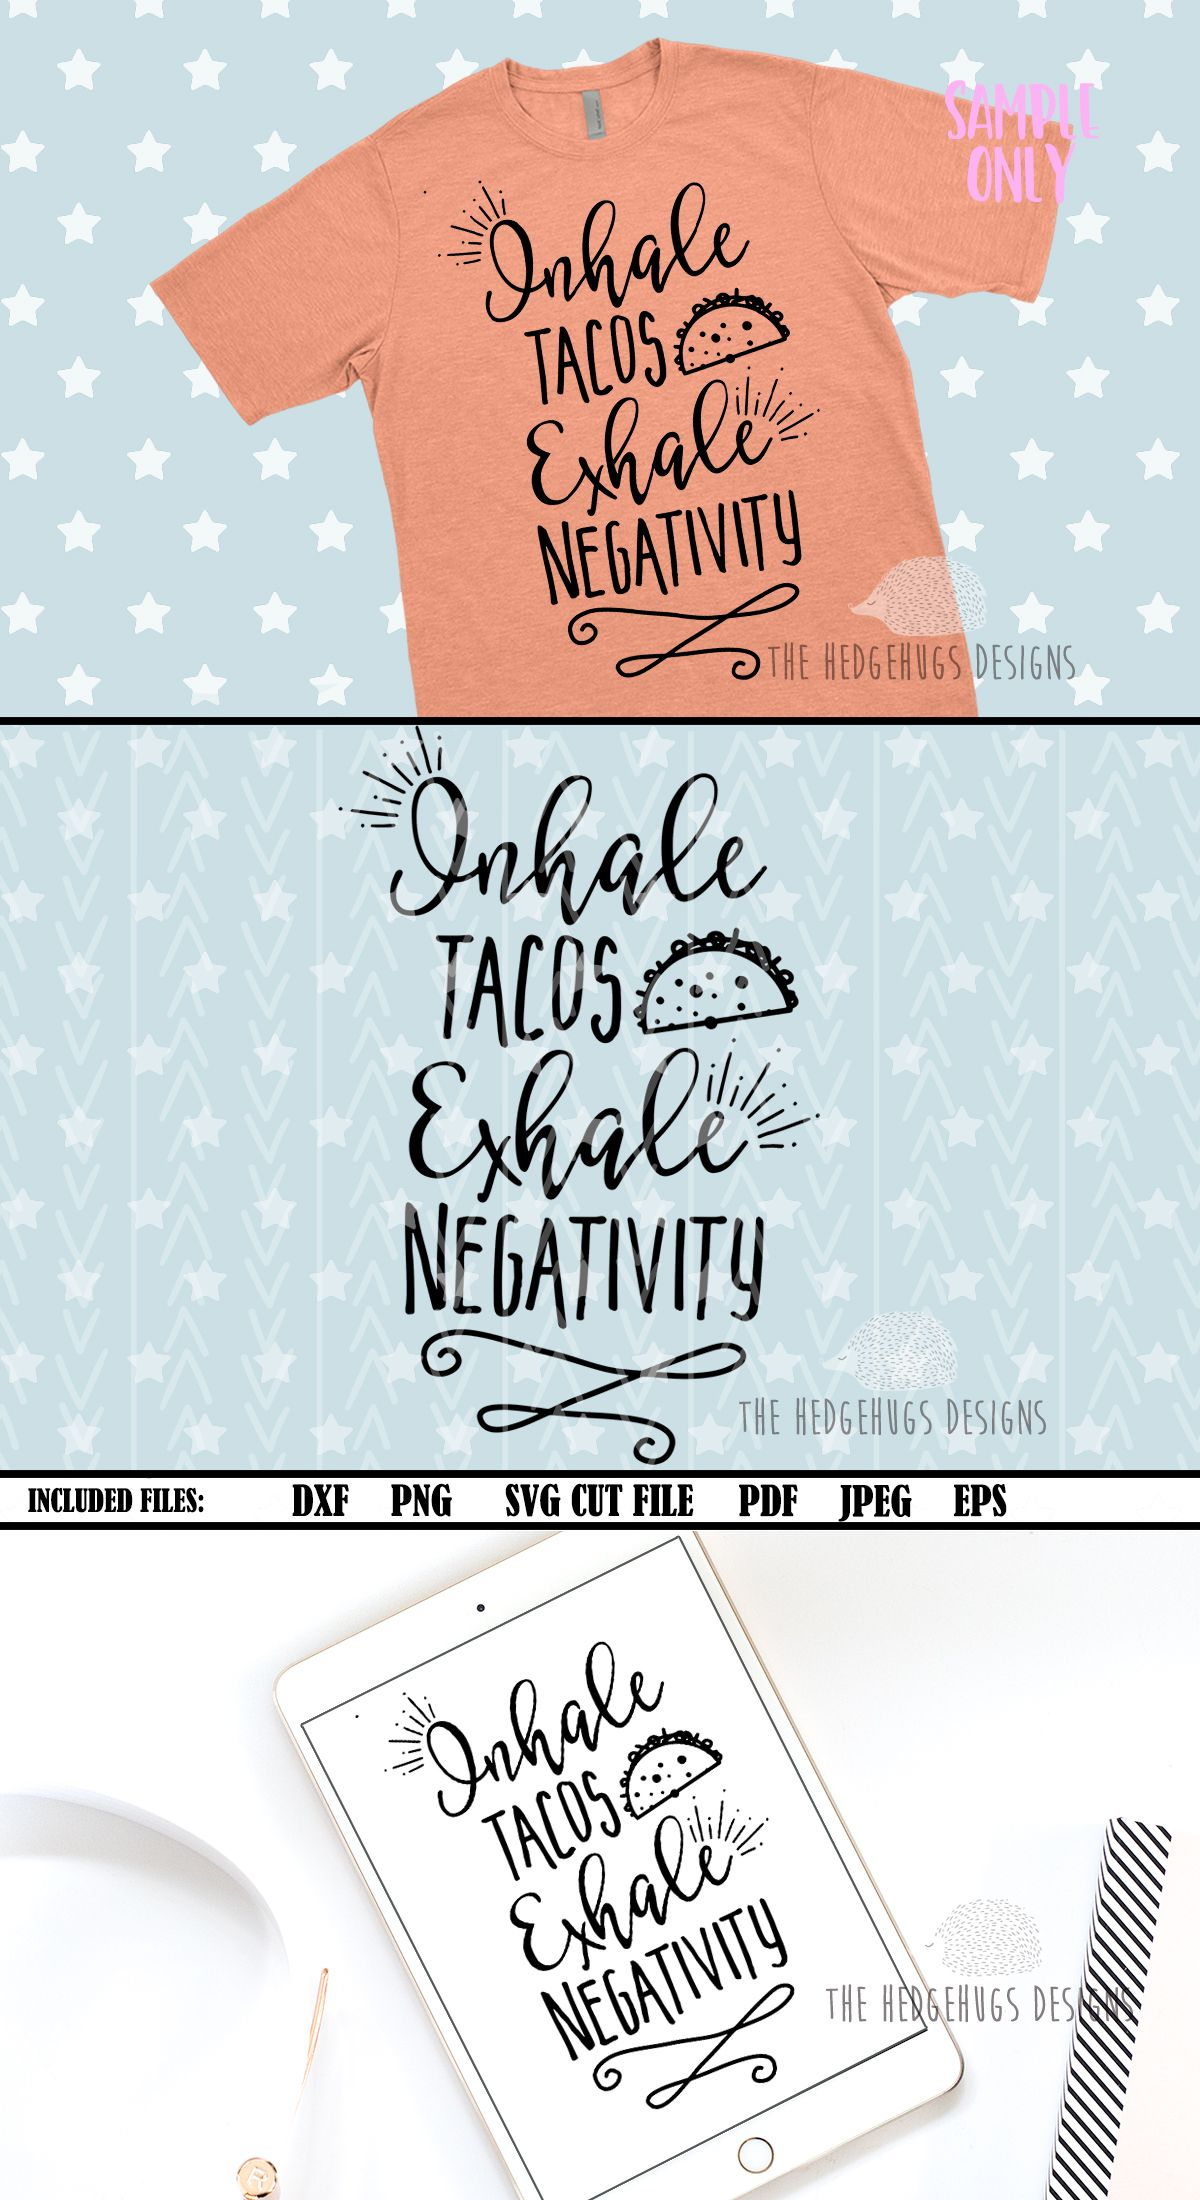 Instant Digital Download T-shirt Design Funny SVG Inhale tacos exhale negativity PNG file